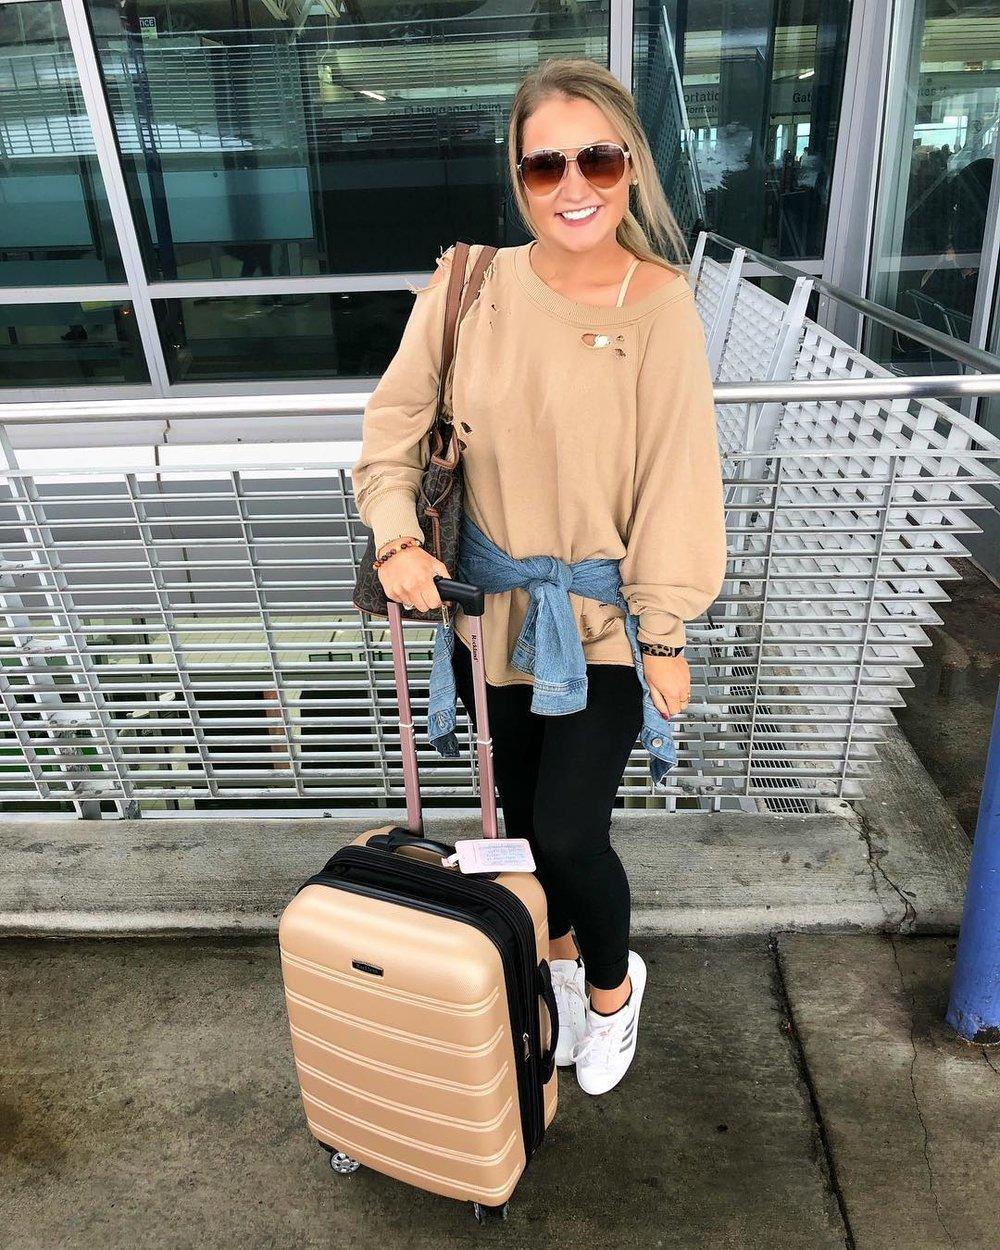 Target Travel Luggage!